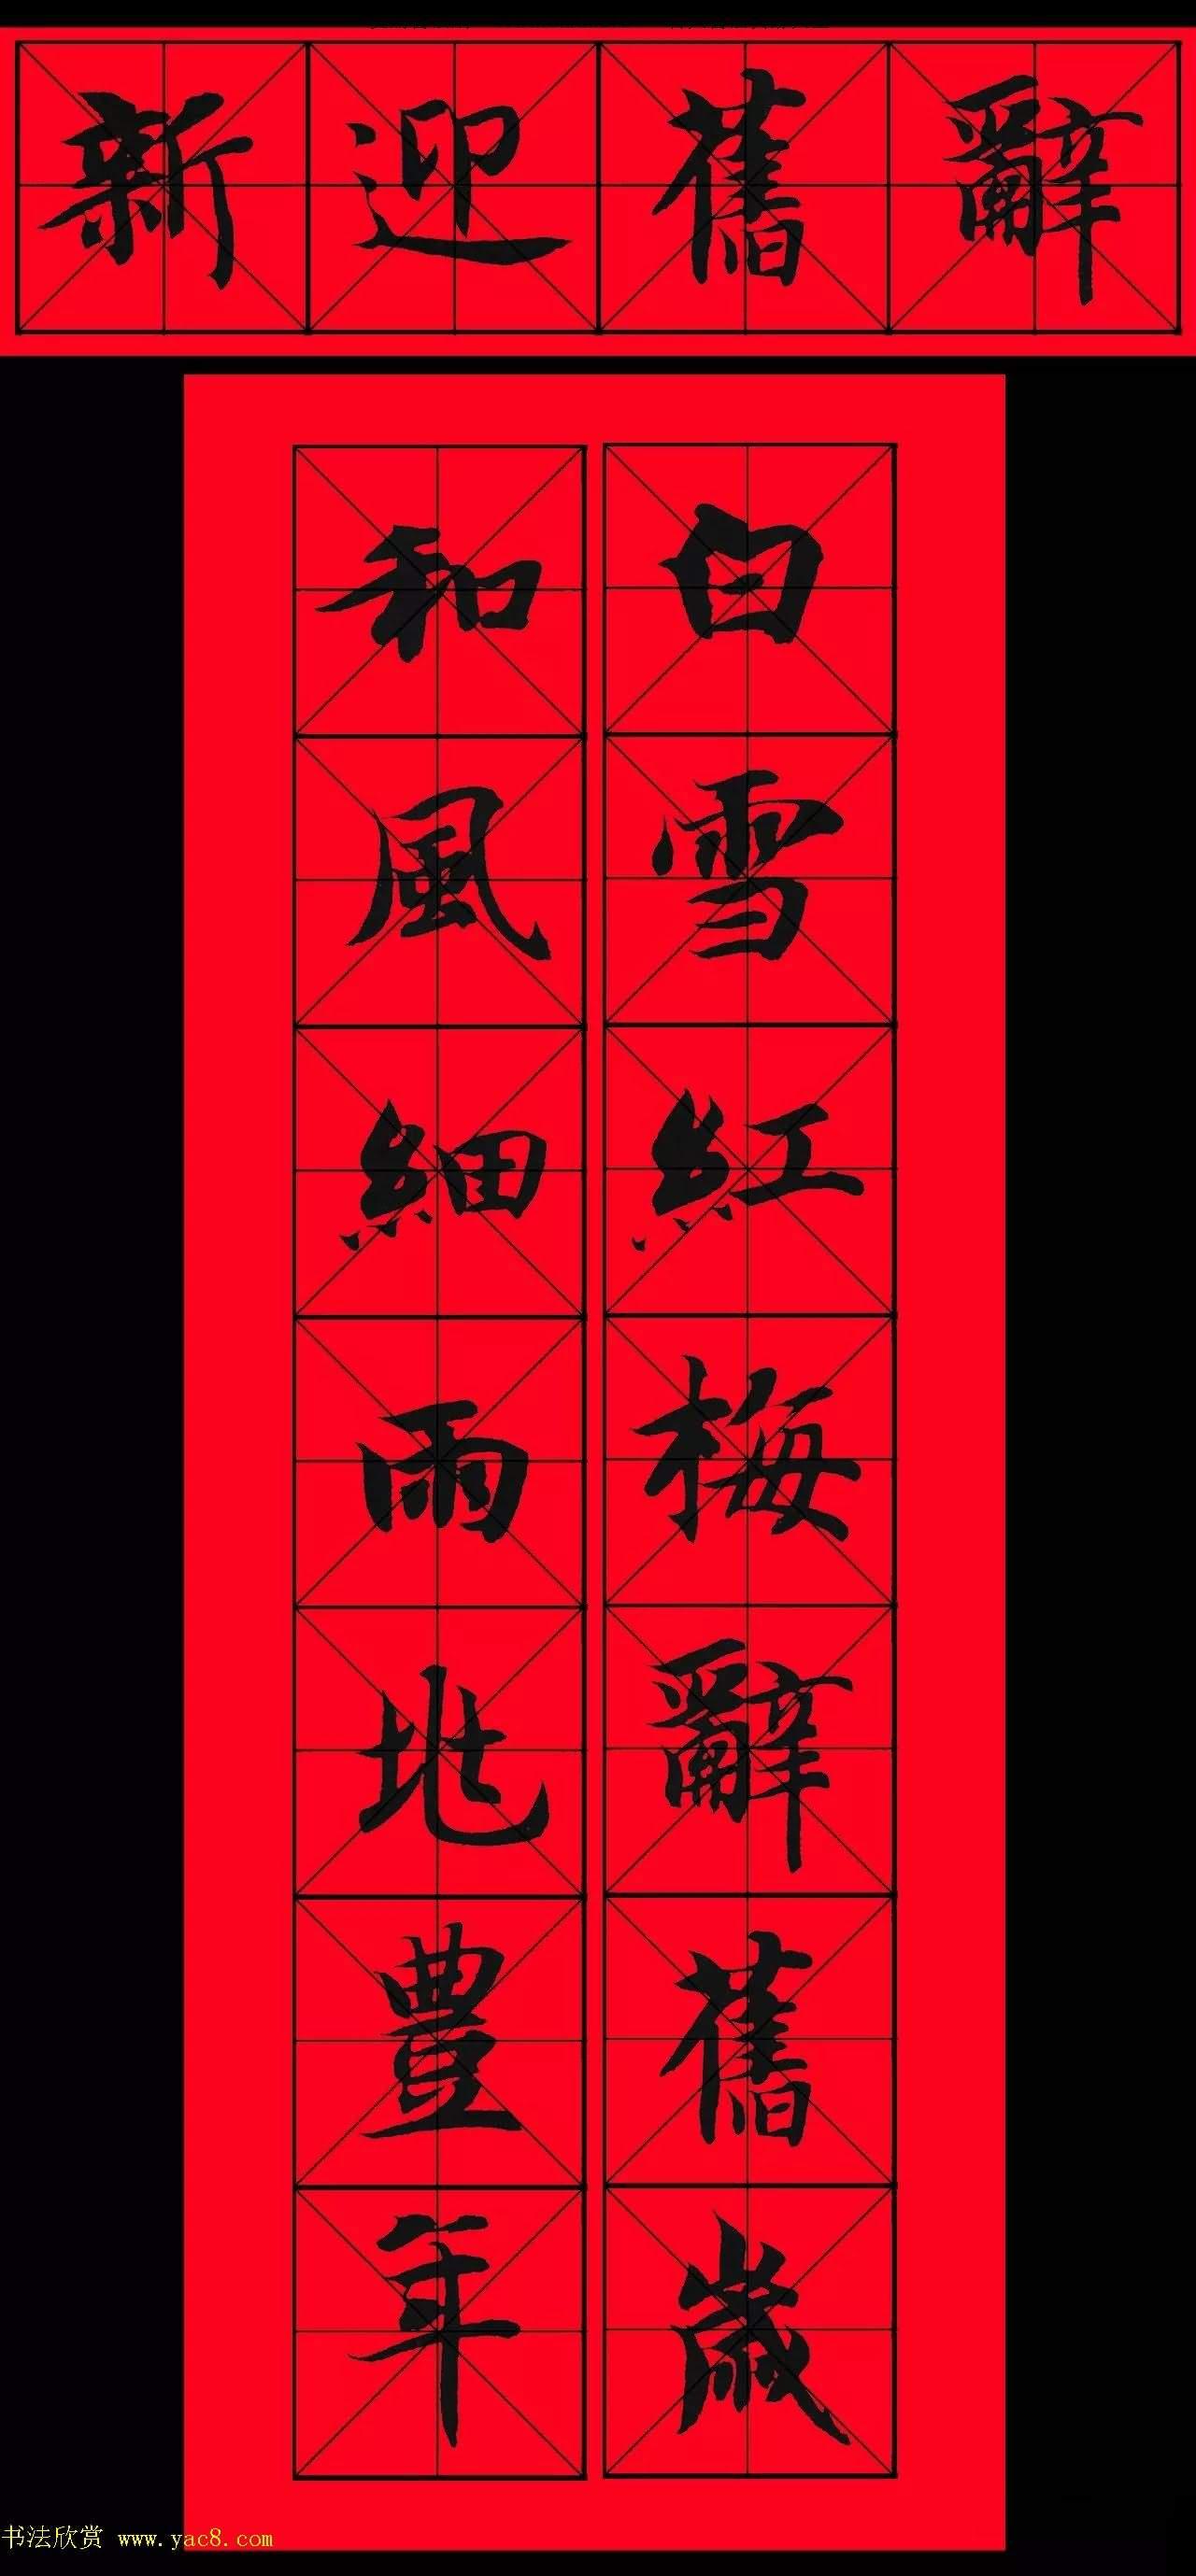 智永書法集字春聯29副+橫批(共29張圖片)